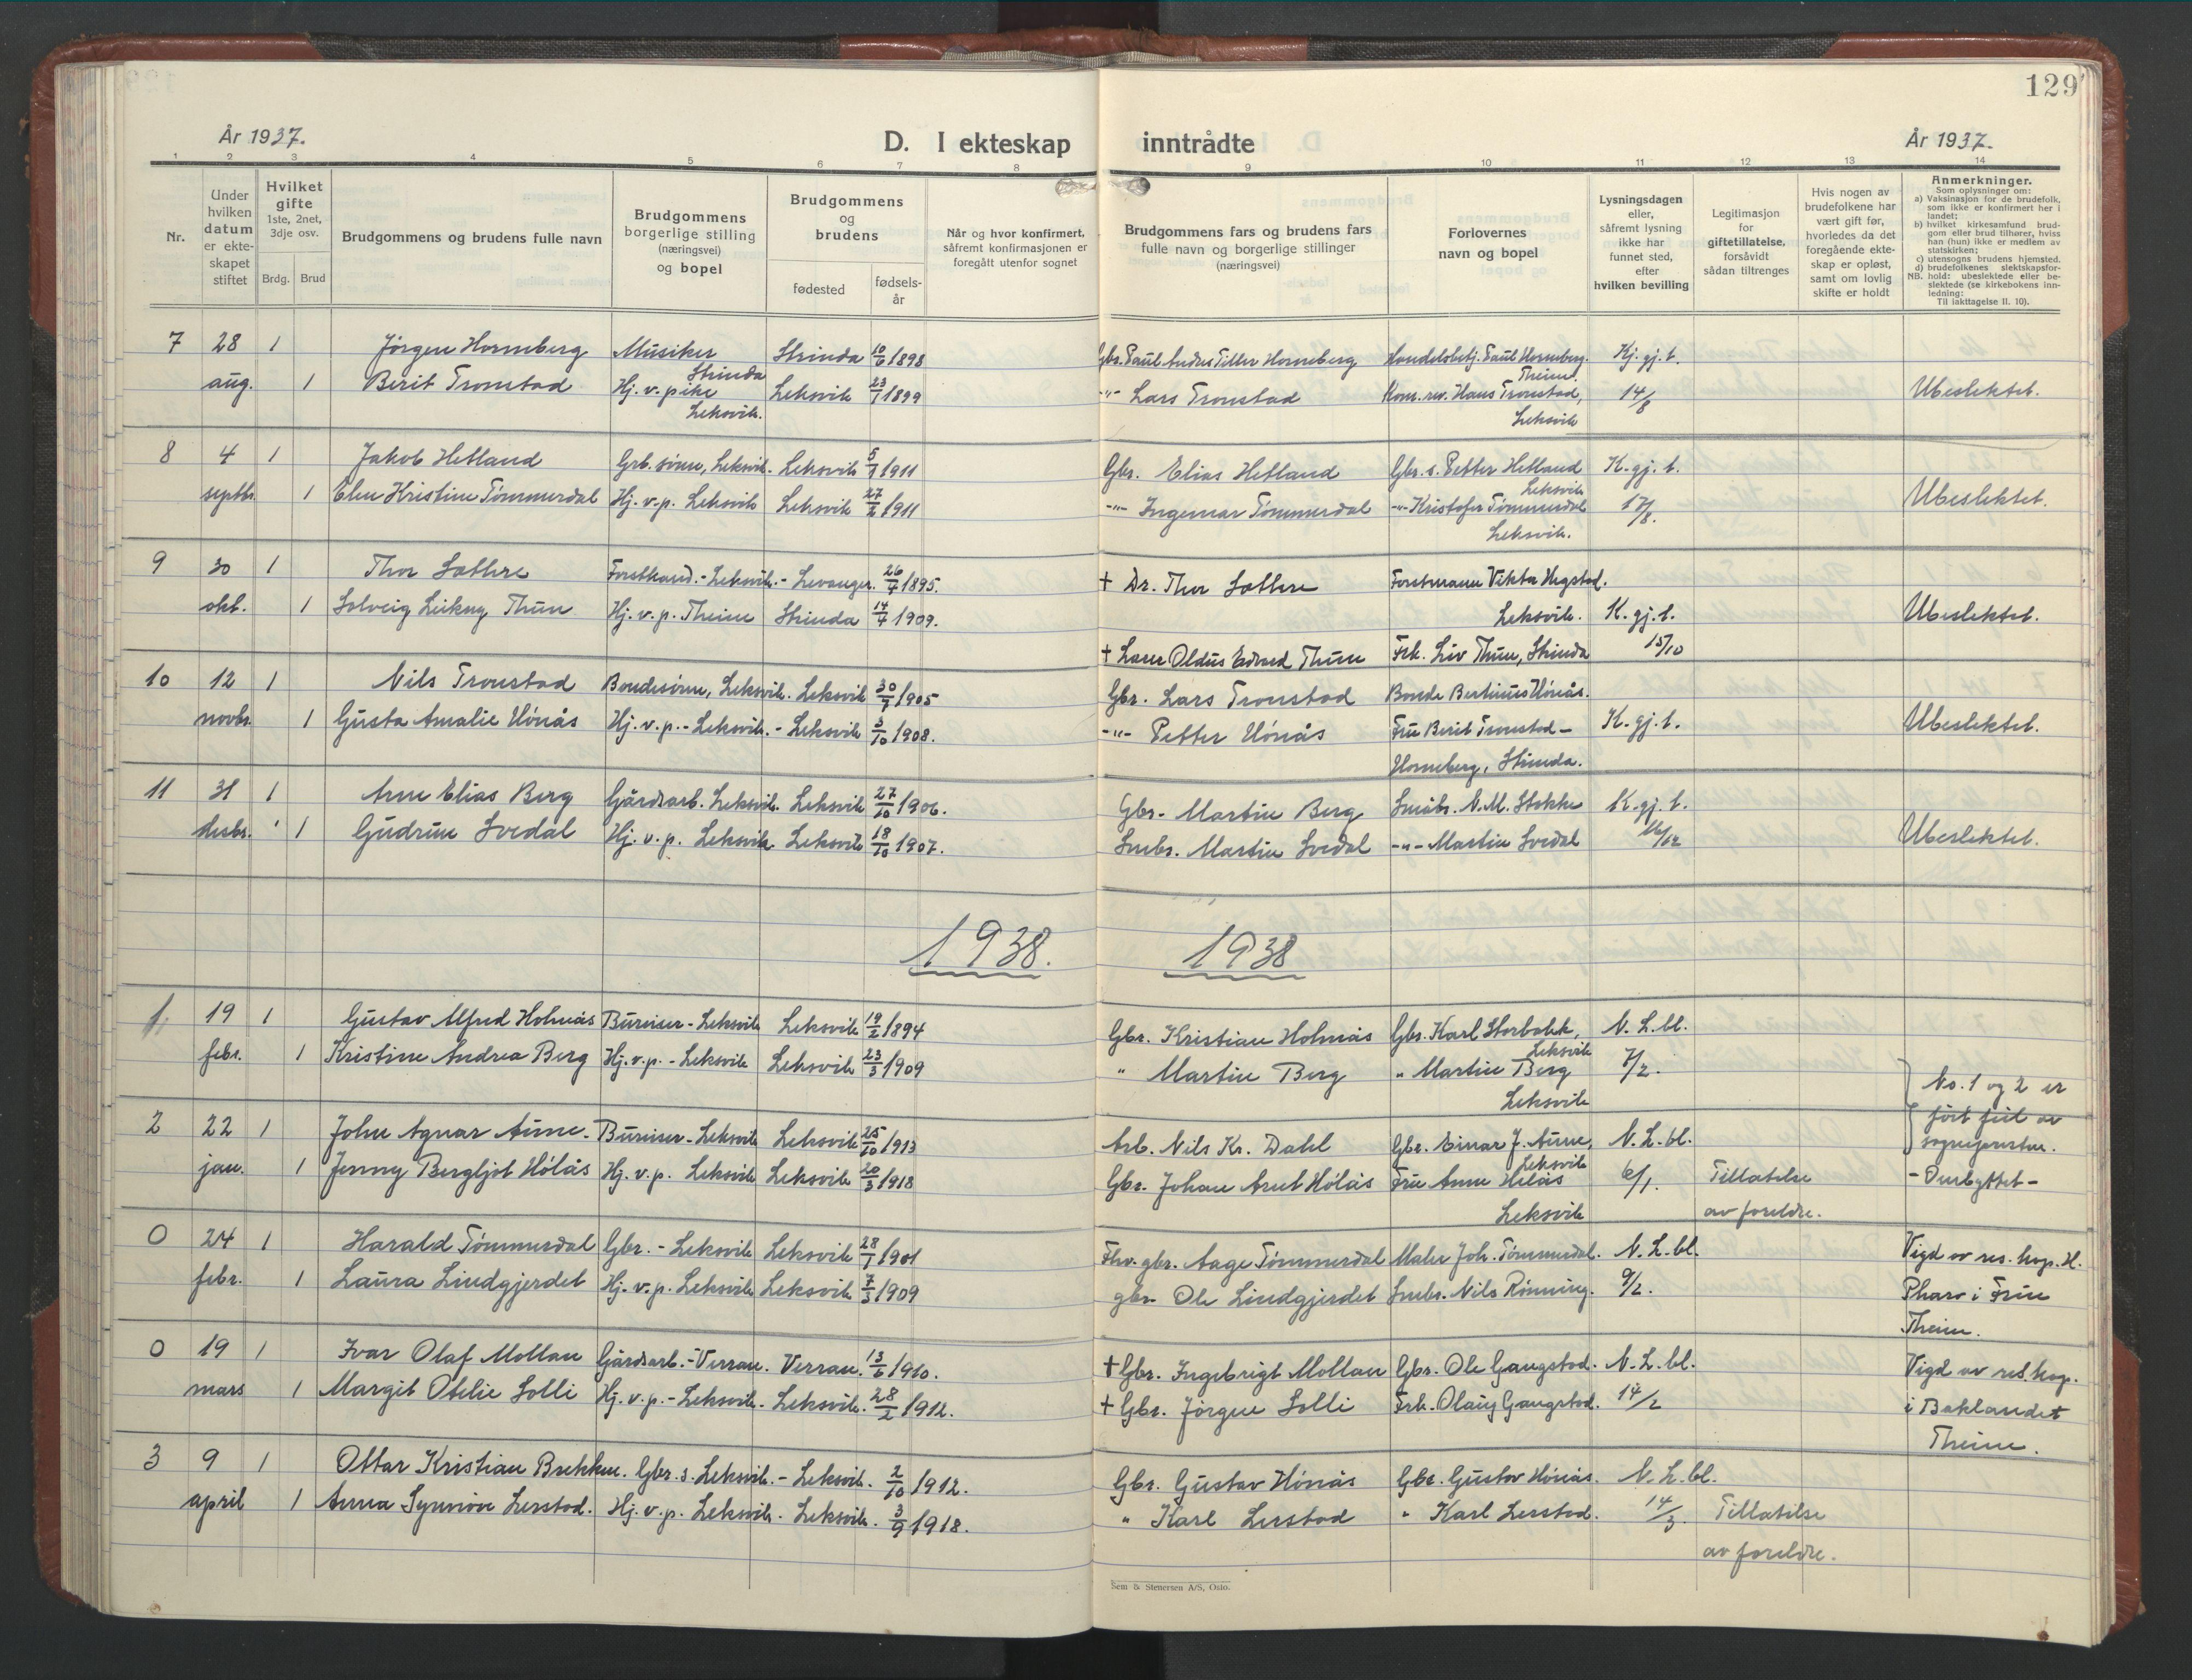 SAT, Ministerialprotokoller, klokkerbøker og fødselsregistre - Nord-Trøndelag, 701/L0019: Klokkerbok nr. 701C03, 1930-1953, s. 129